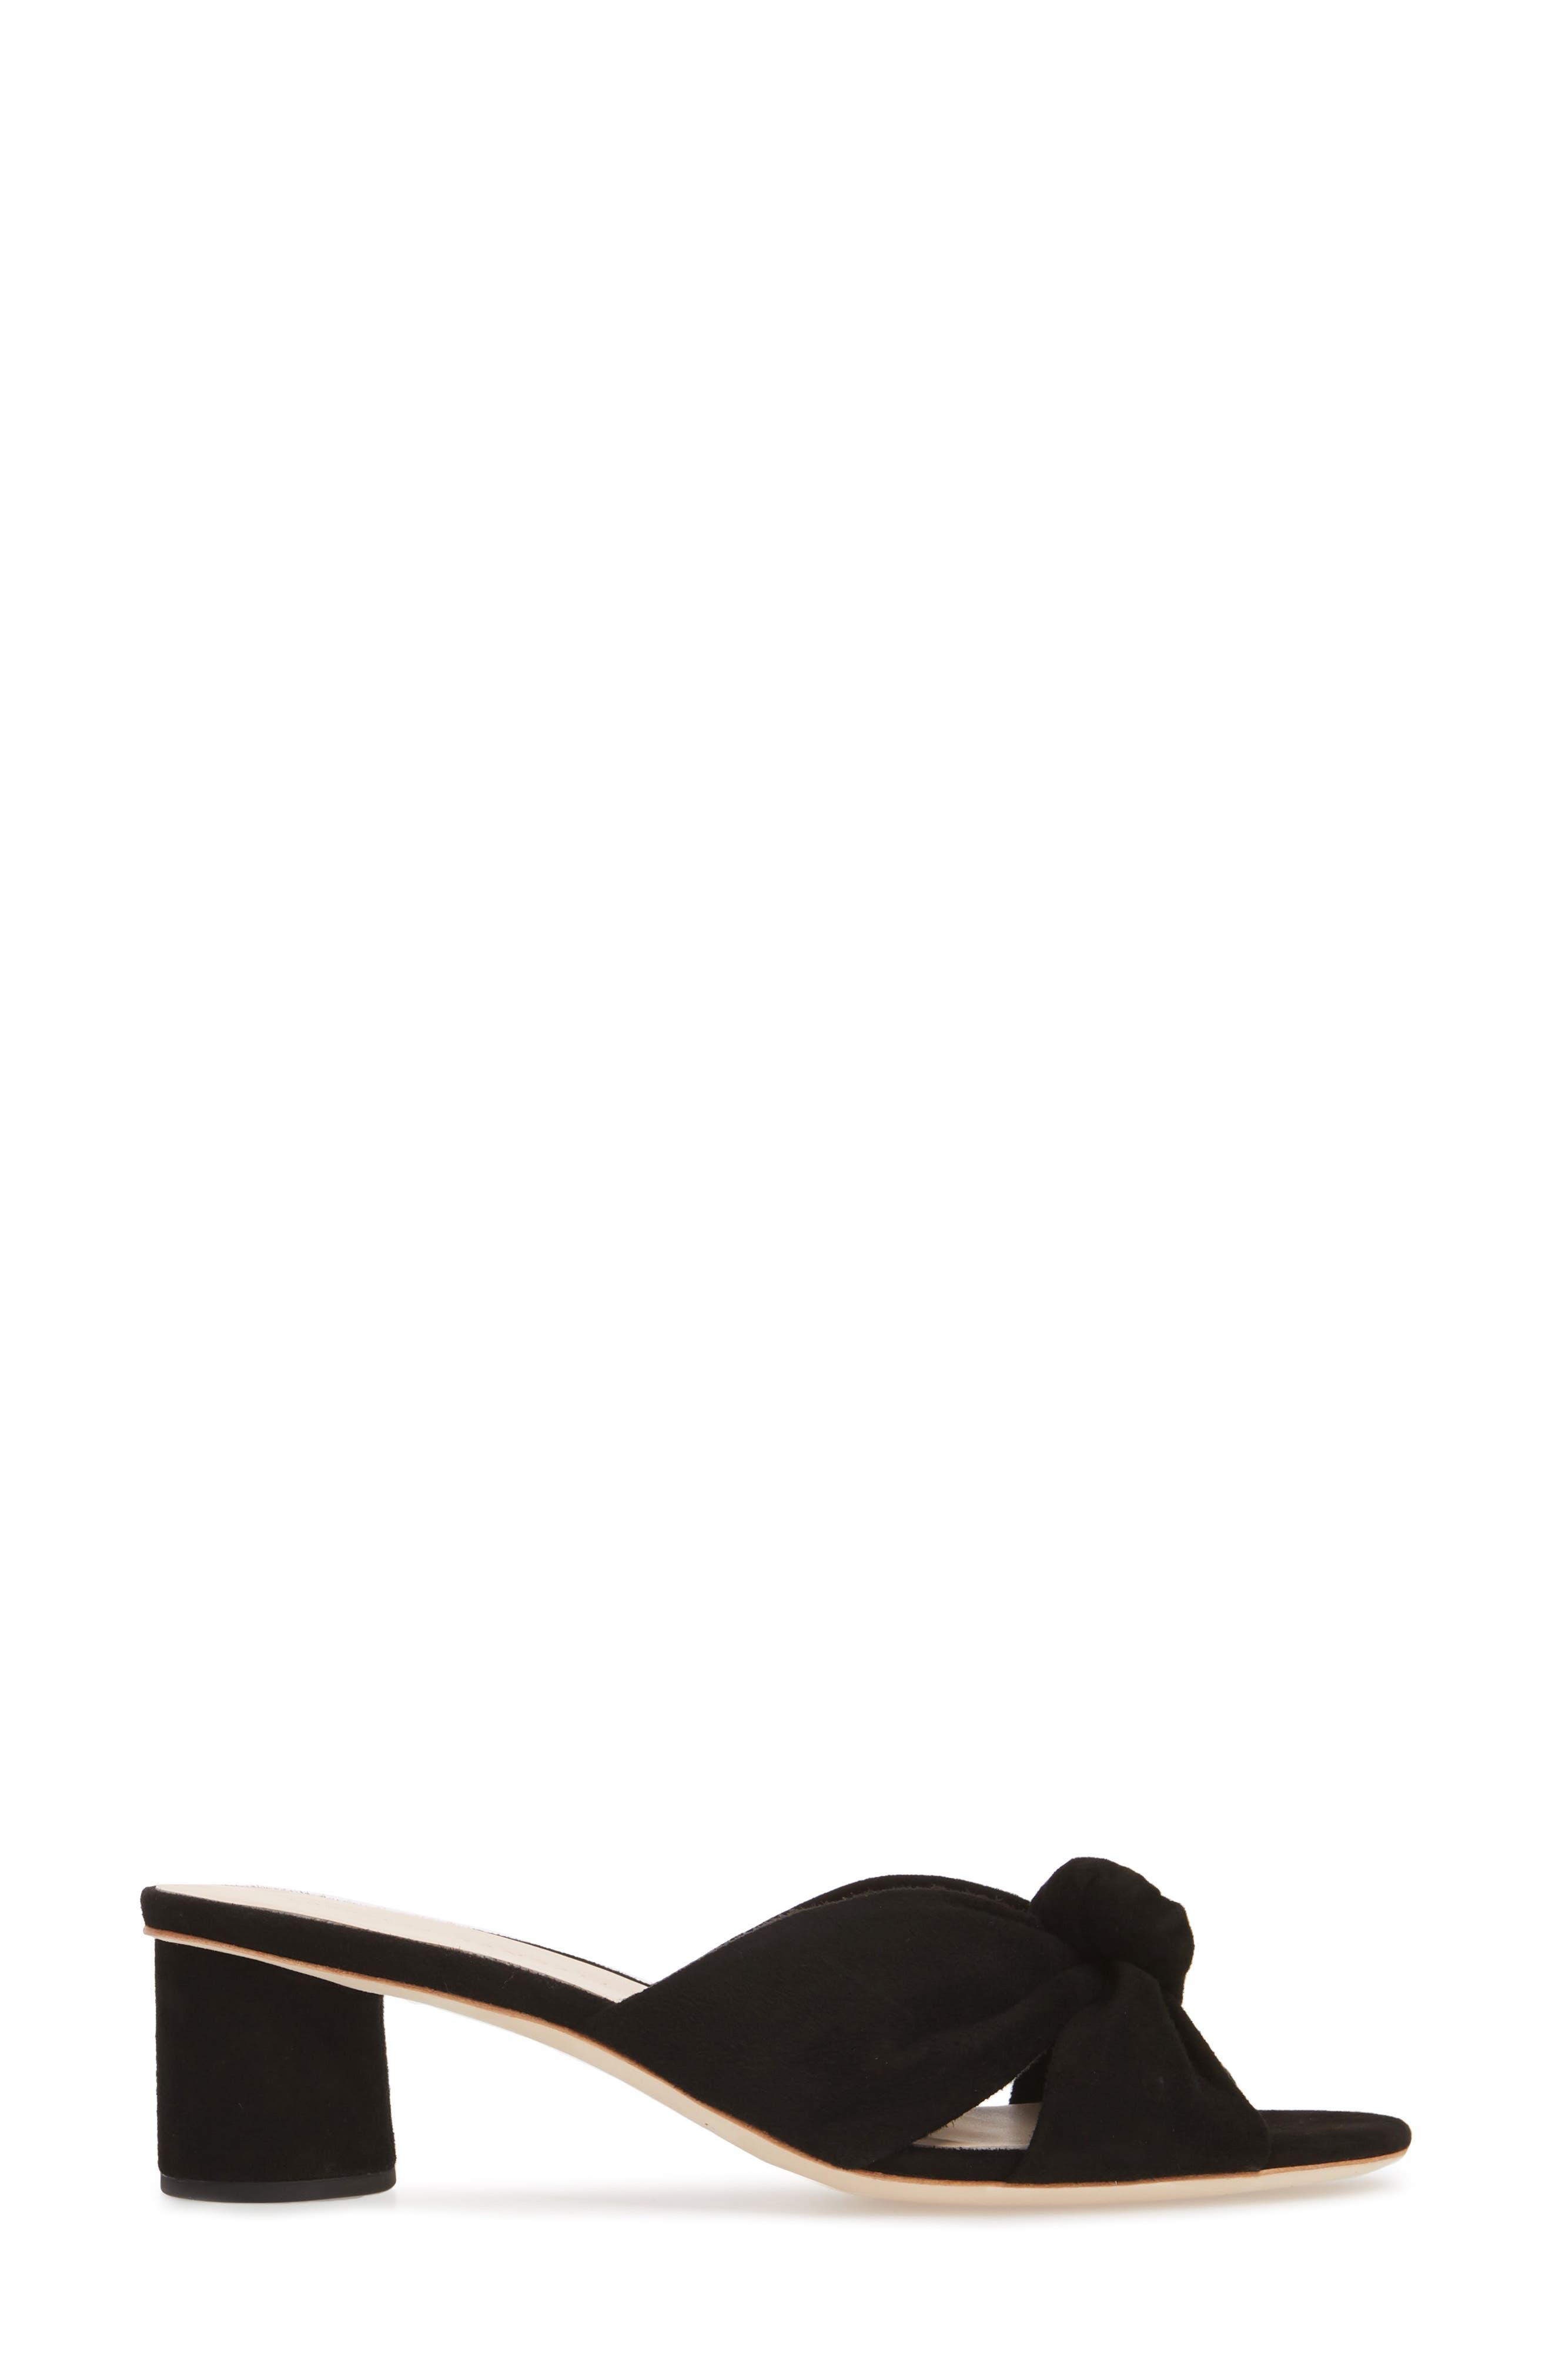 Loeffler Randal Celeste Knotted Slide Sandal,                             Alternate thumbnail 3, color,                             BLACK